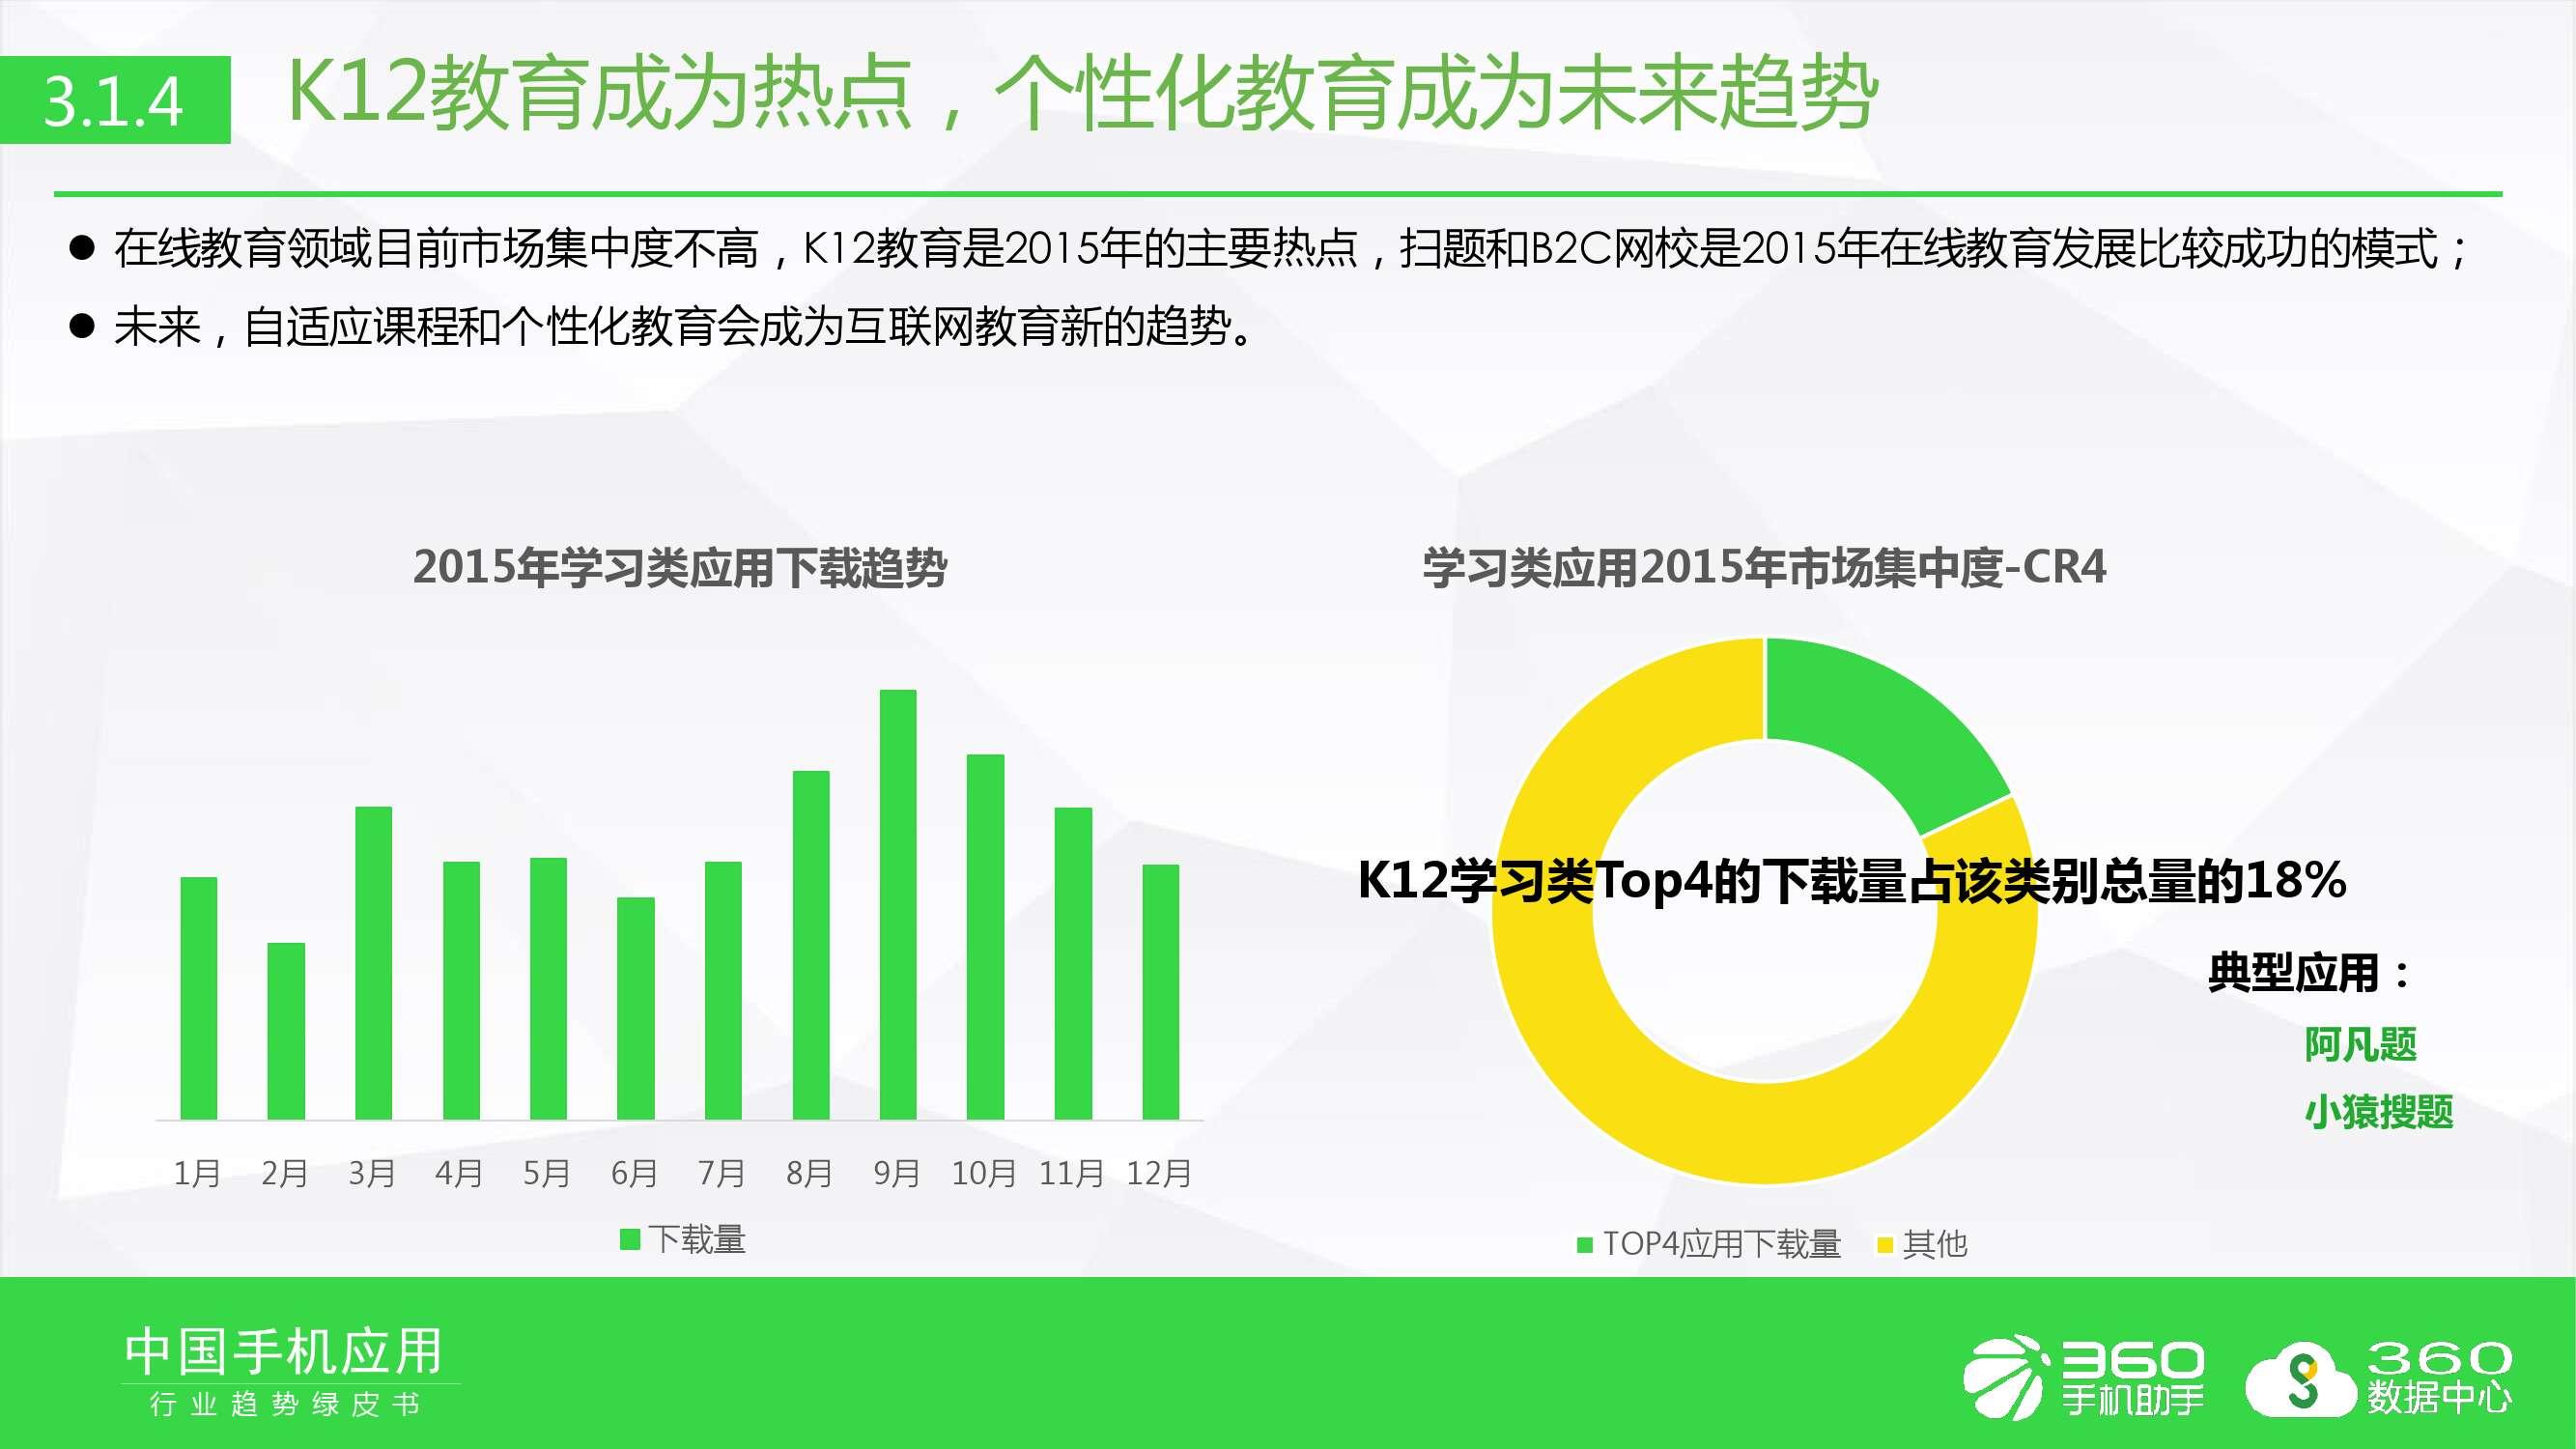 2016年手机软件行业趋势绿皮书_000026